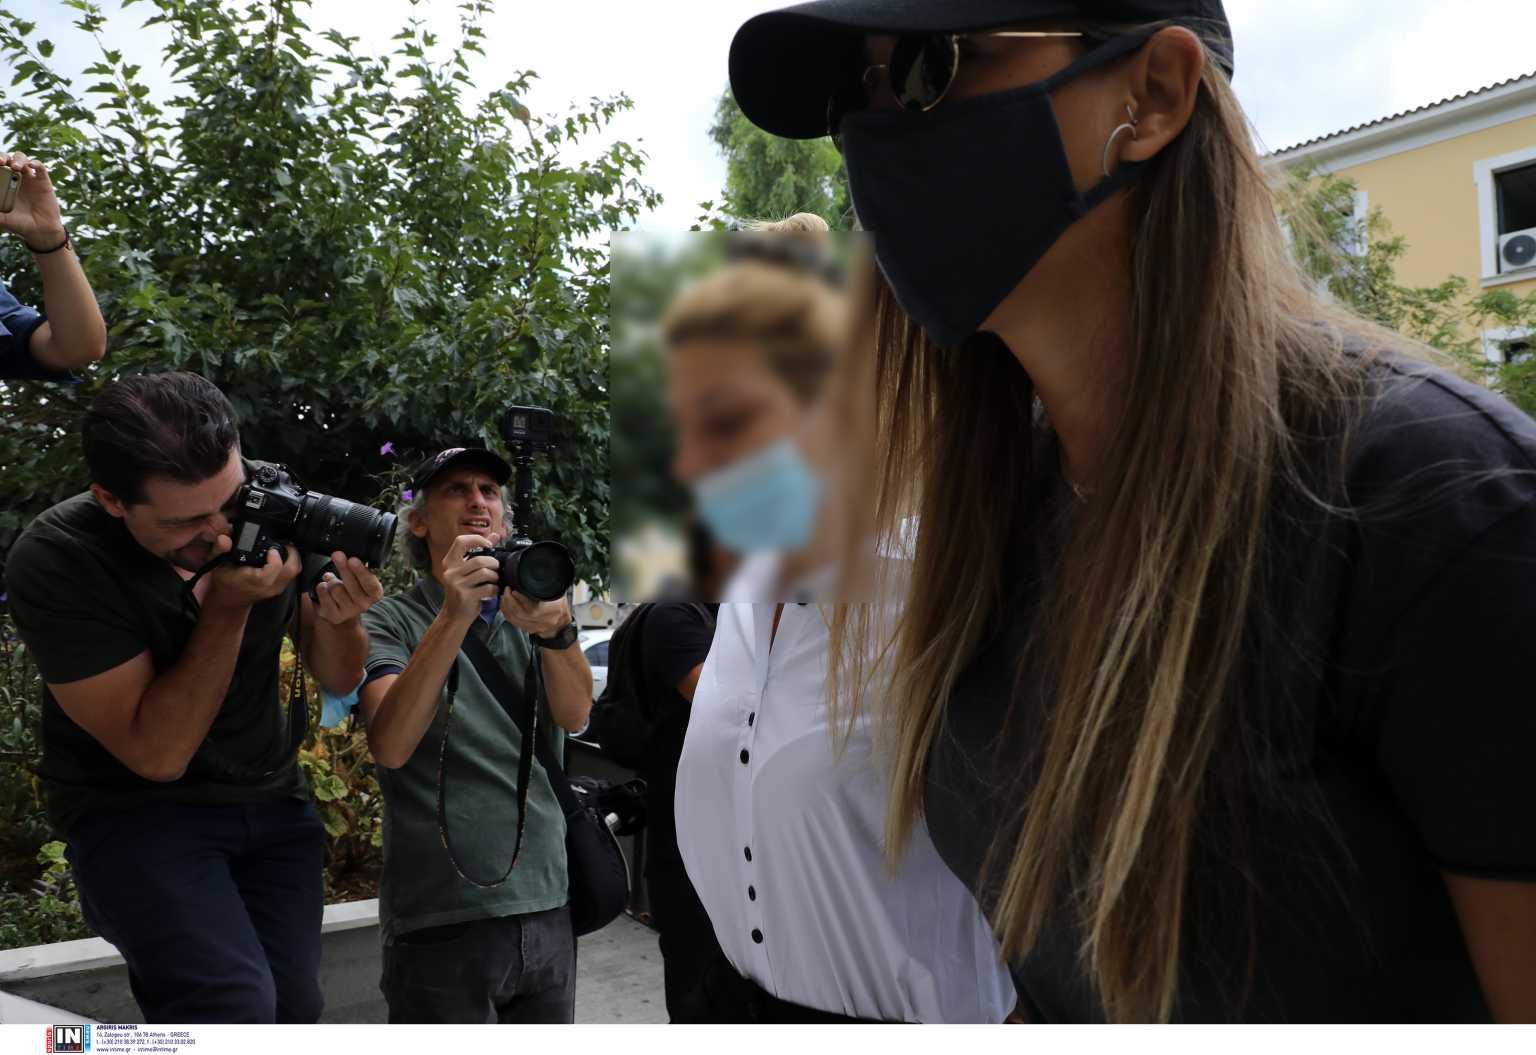 Ανάπλαση Σκορπιού: Επιχορήγηση 4.3 εκατ. ευρώ στον Ριμπολόβλεφ για το 5άστερο ξενοδοχείο